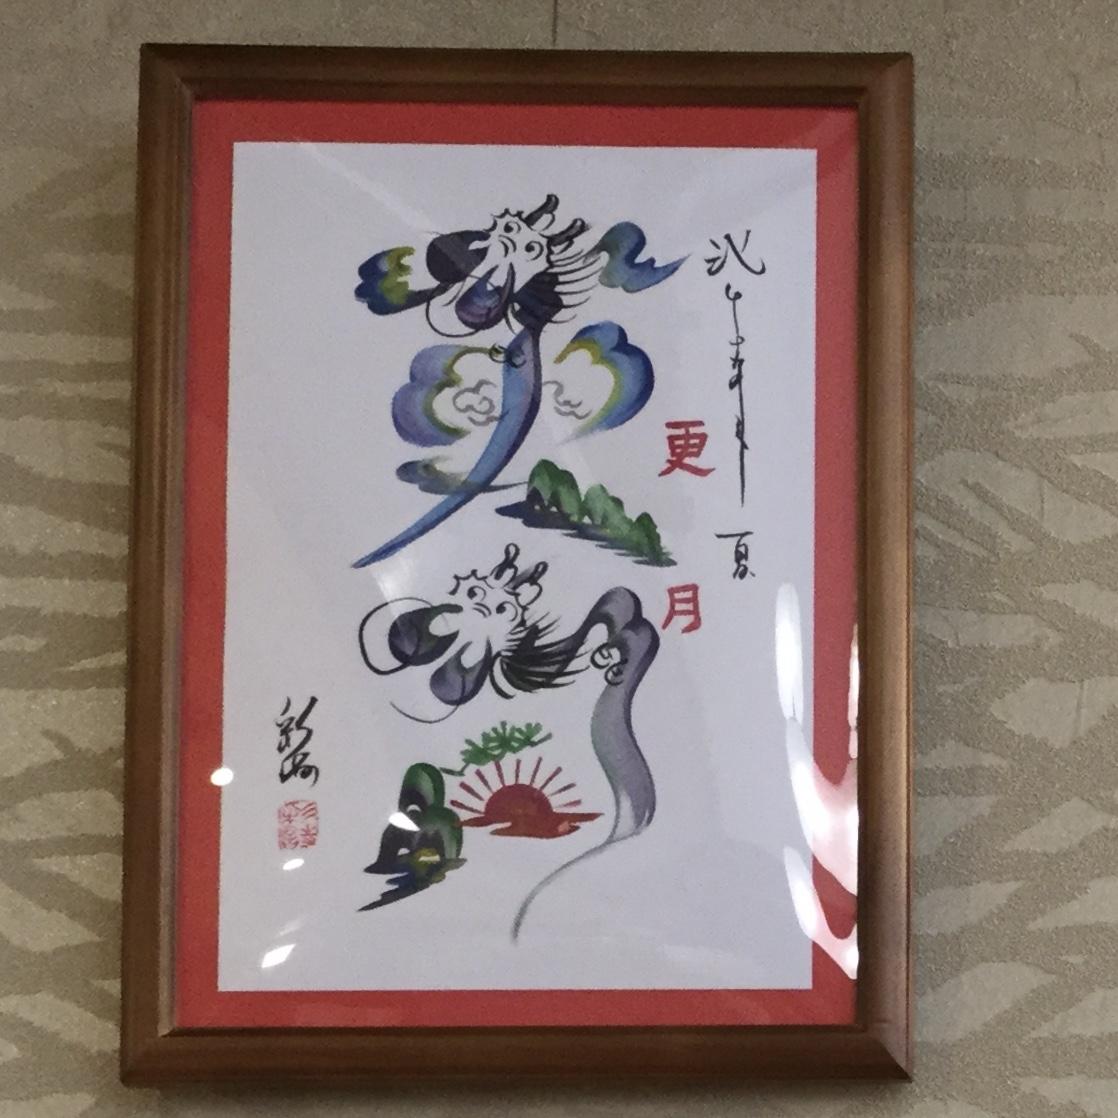 f:id:yumeusagiyukiusagi:20191208101755j:plain